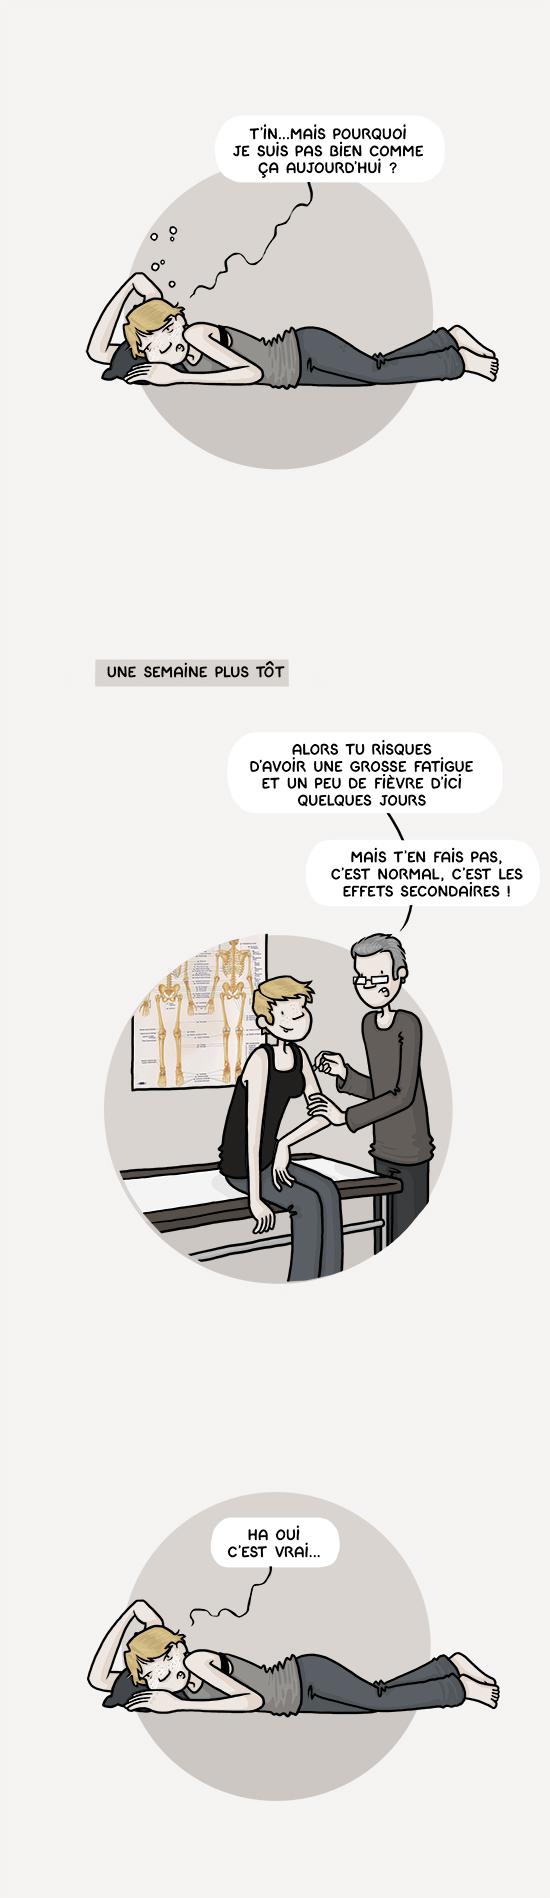 """illustration de l'article """"Mise à jour des vaccins avant départ..."""""""